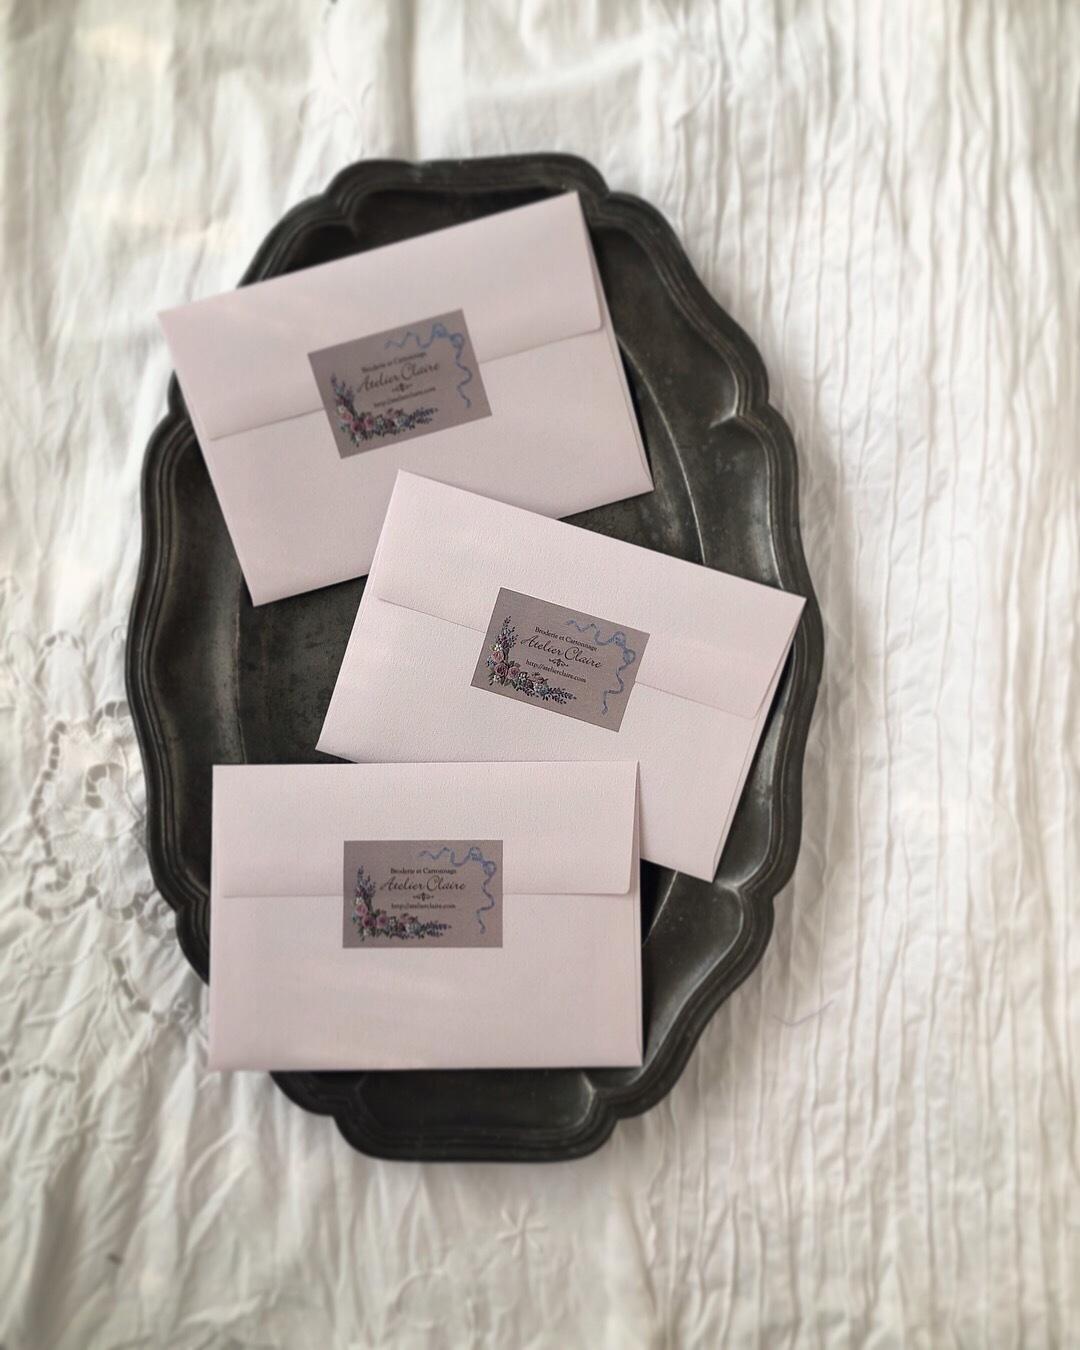 「しあわせのリボン刺しゅう」展 @LINNET京都での販売キットやアイテムについて_a0157409_16524281.jpeg